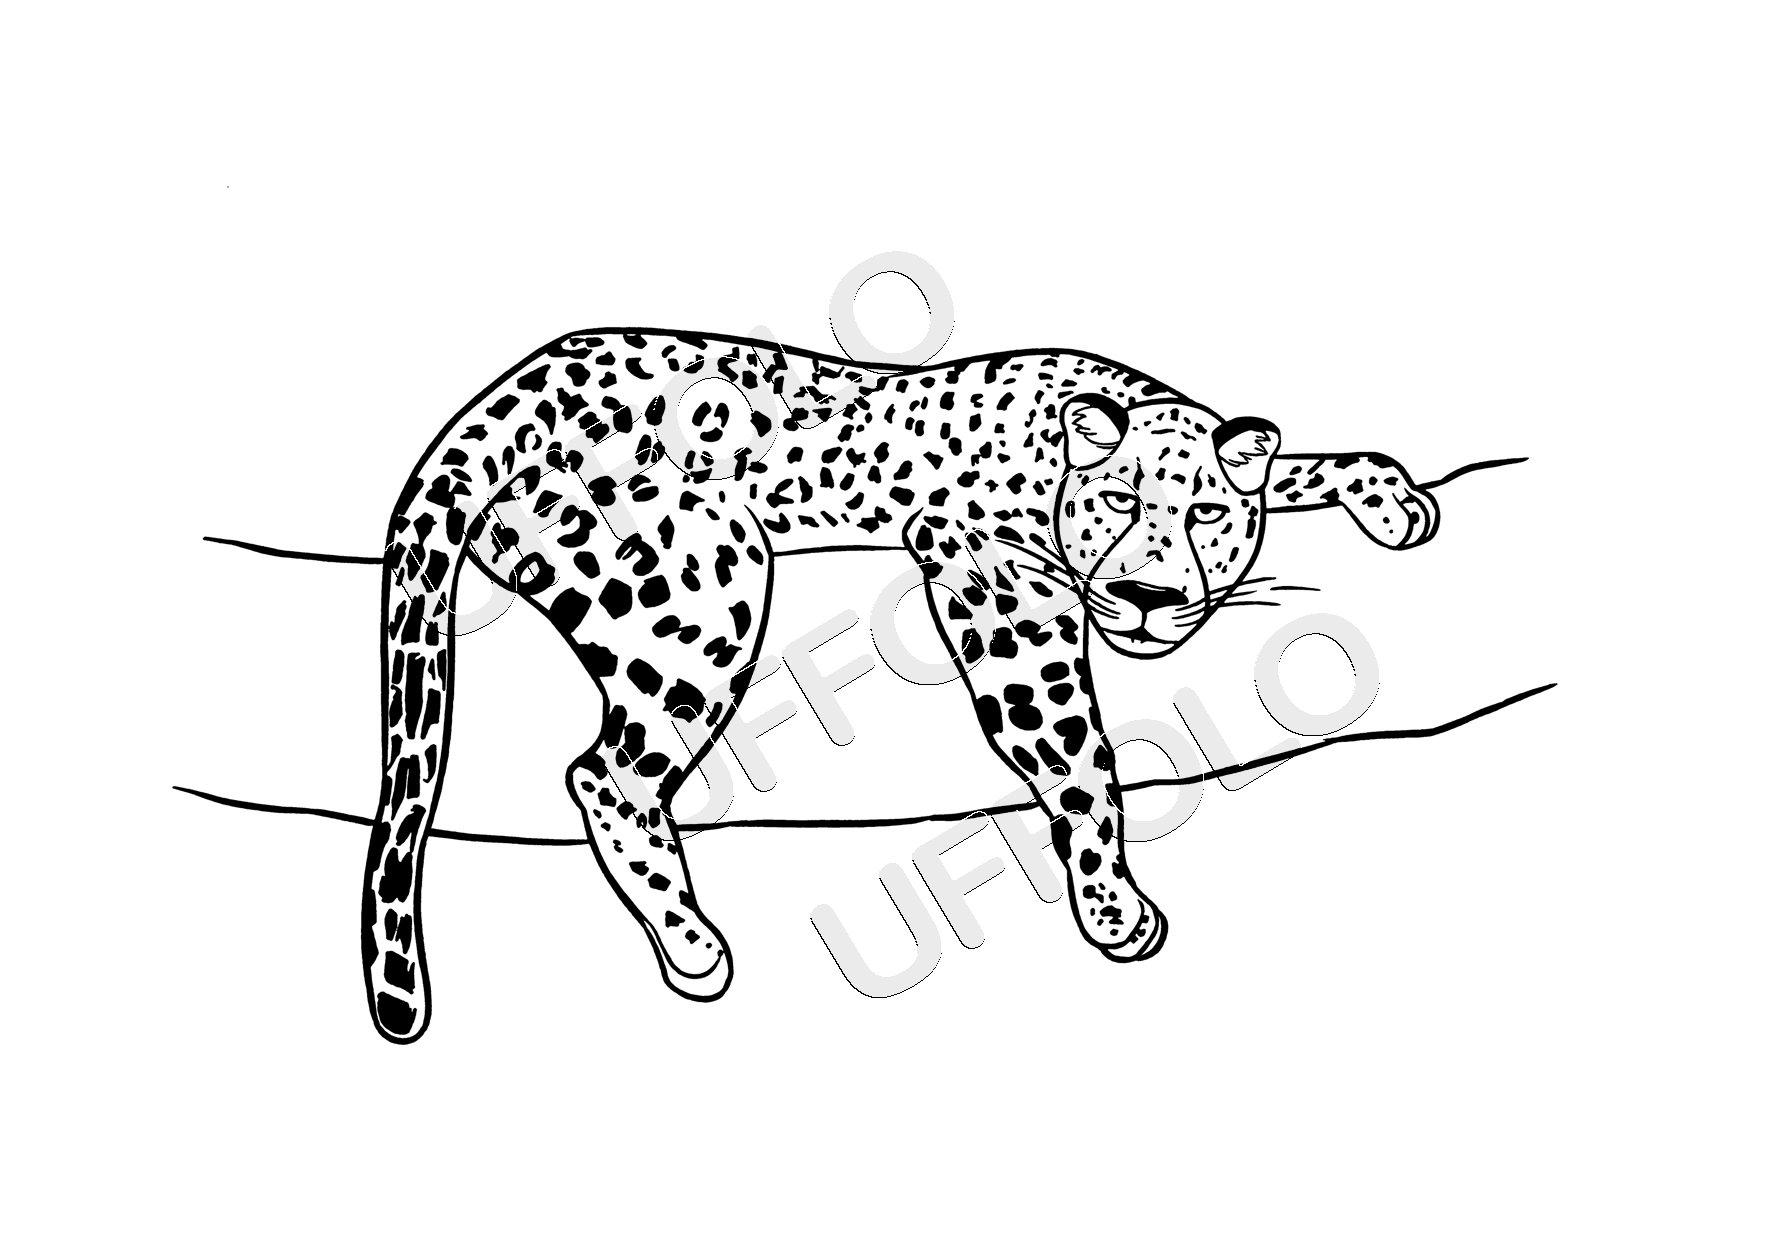 Disegni di animali africani uffolo for Disegni di animali per bambini